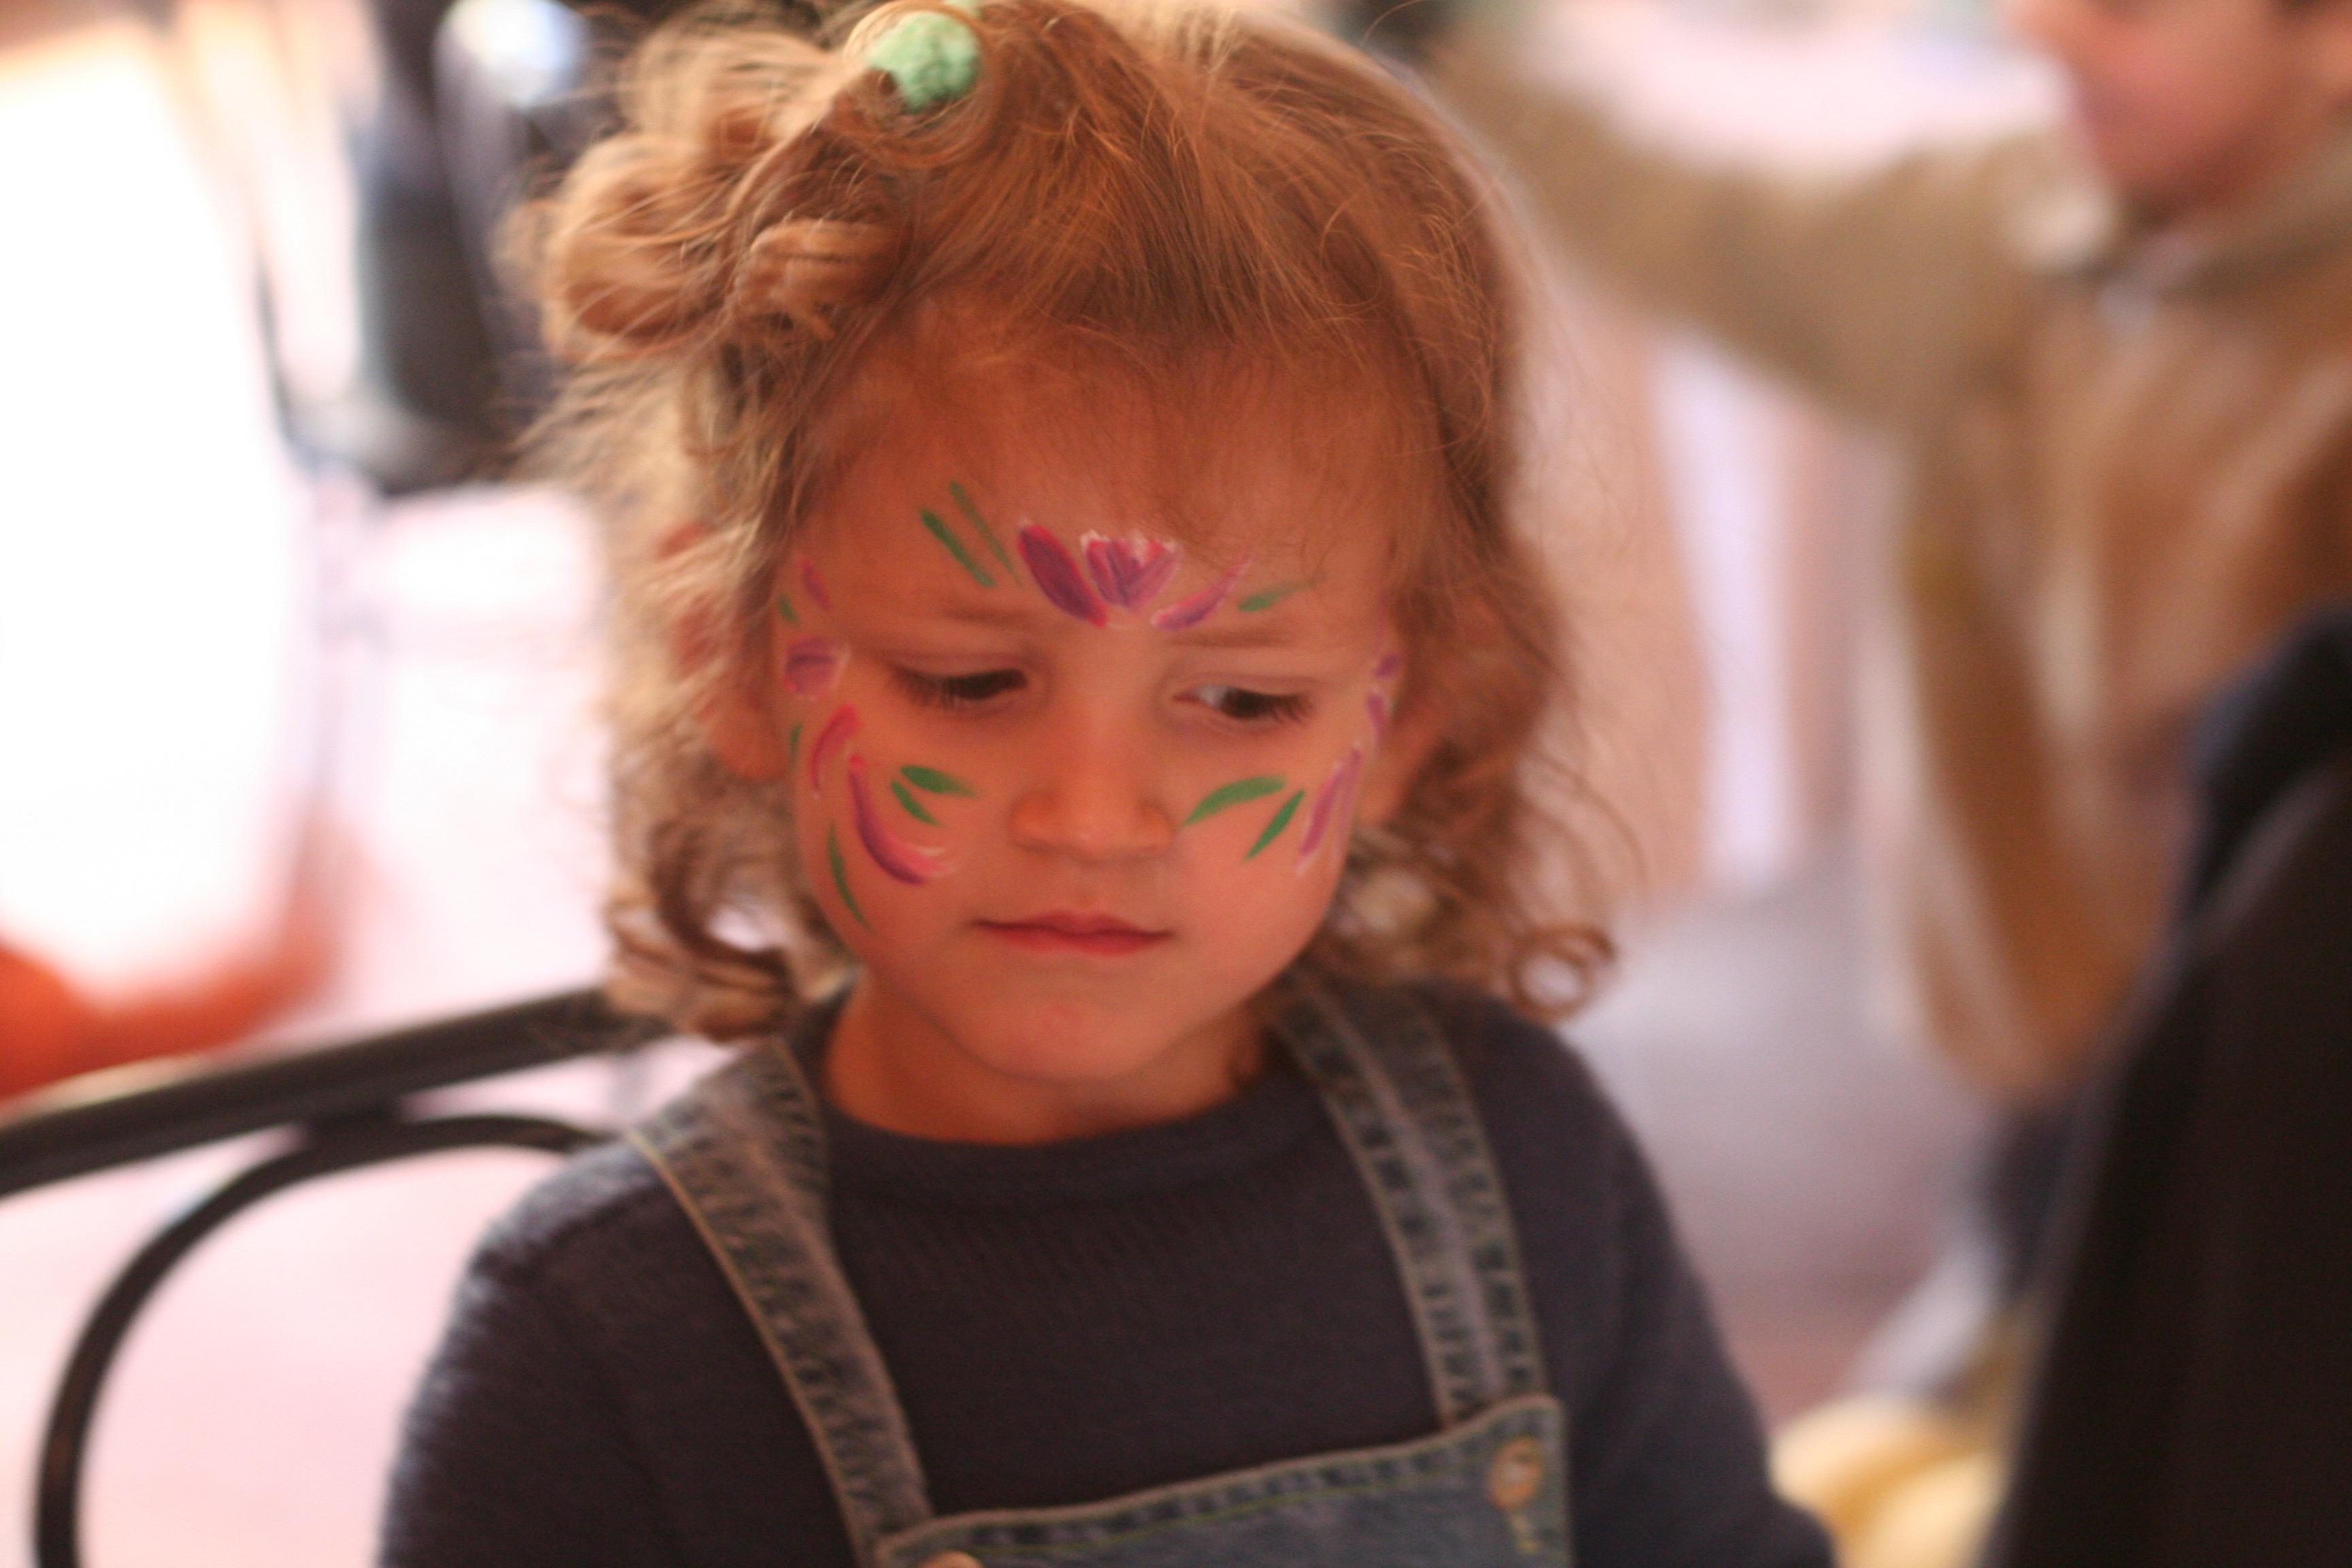 Kostenlose Foto Person Menschen Haar Kind Frisur Bilden